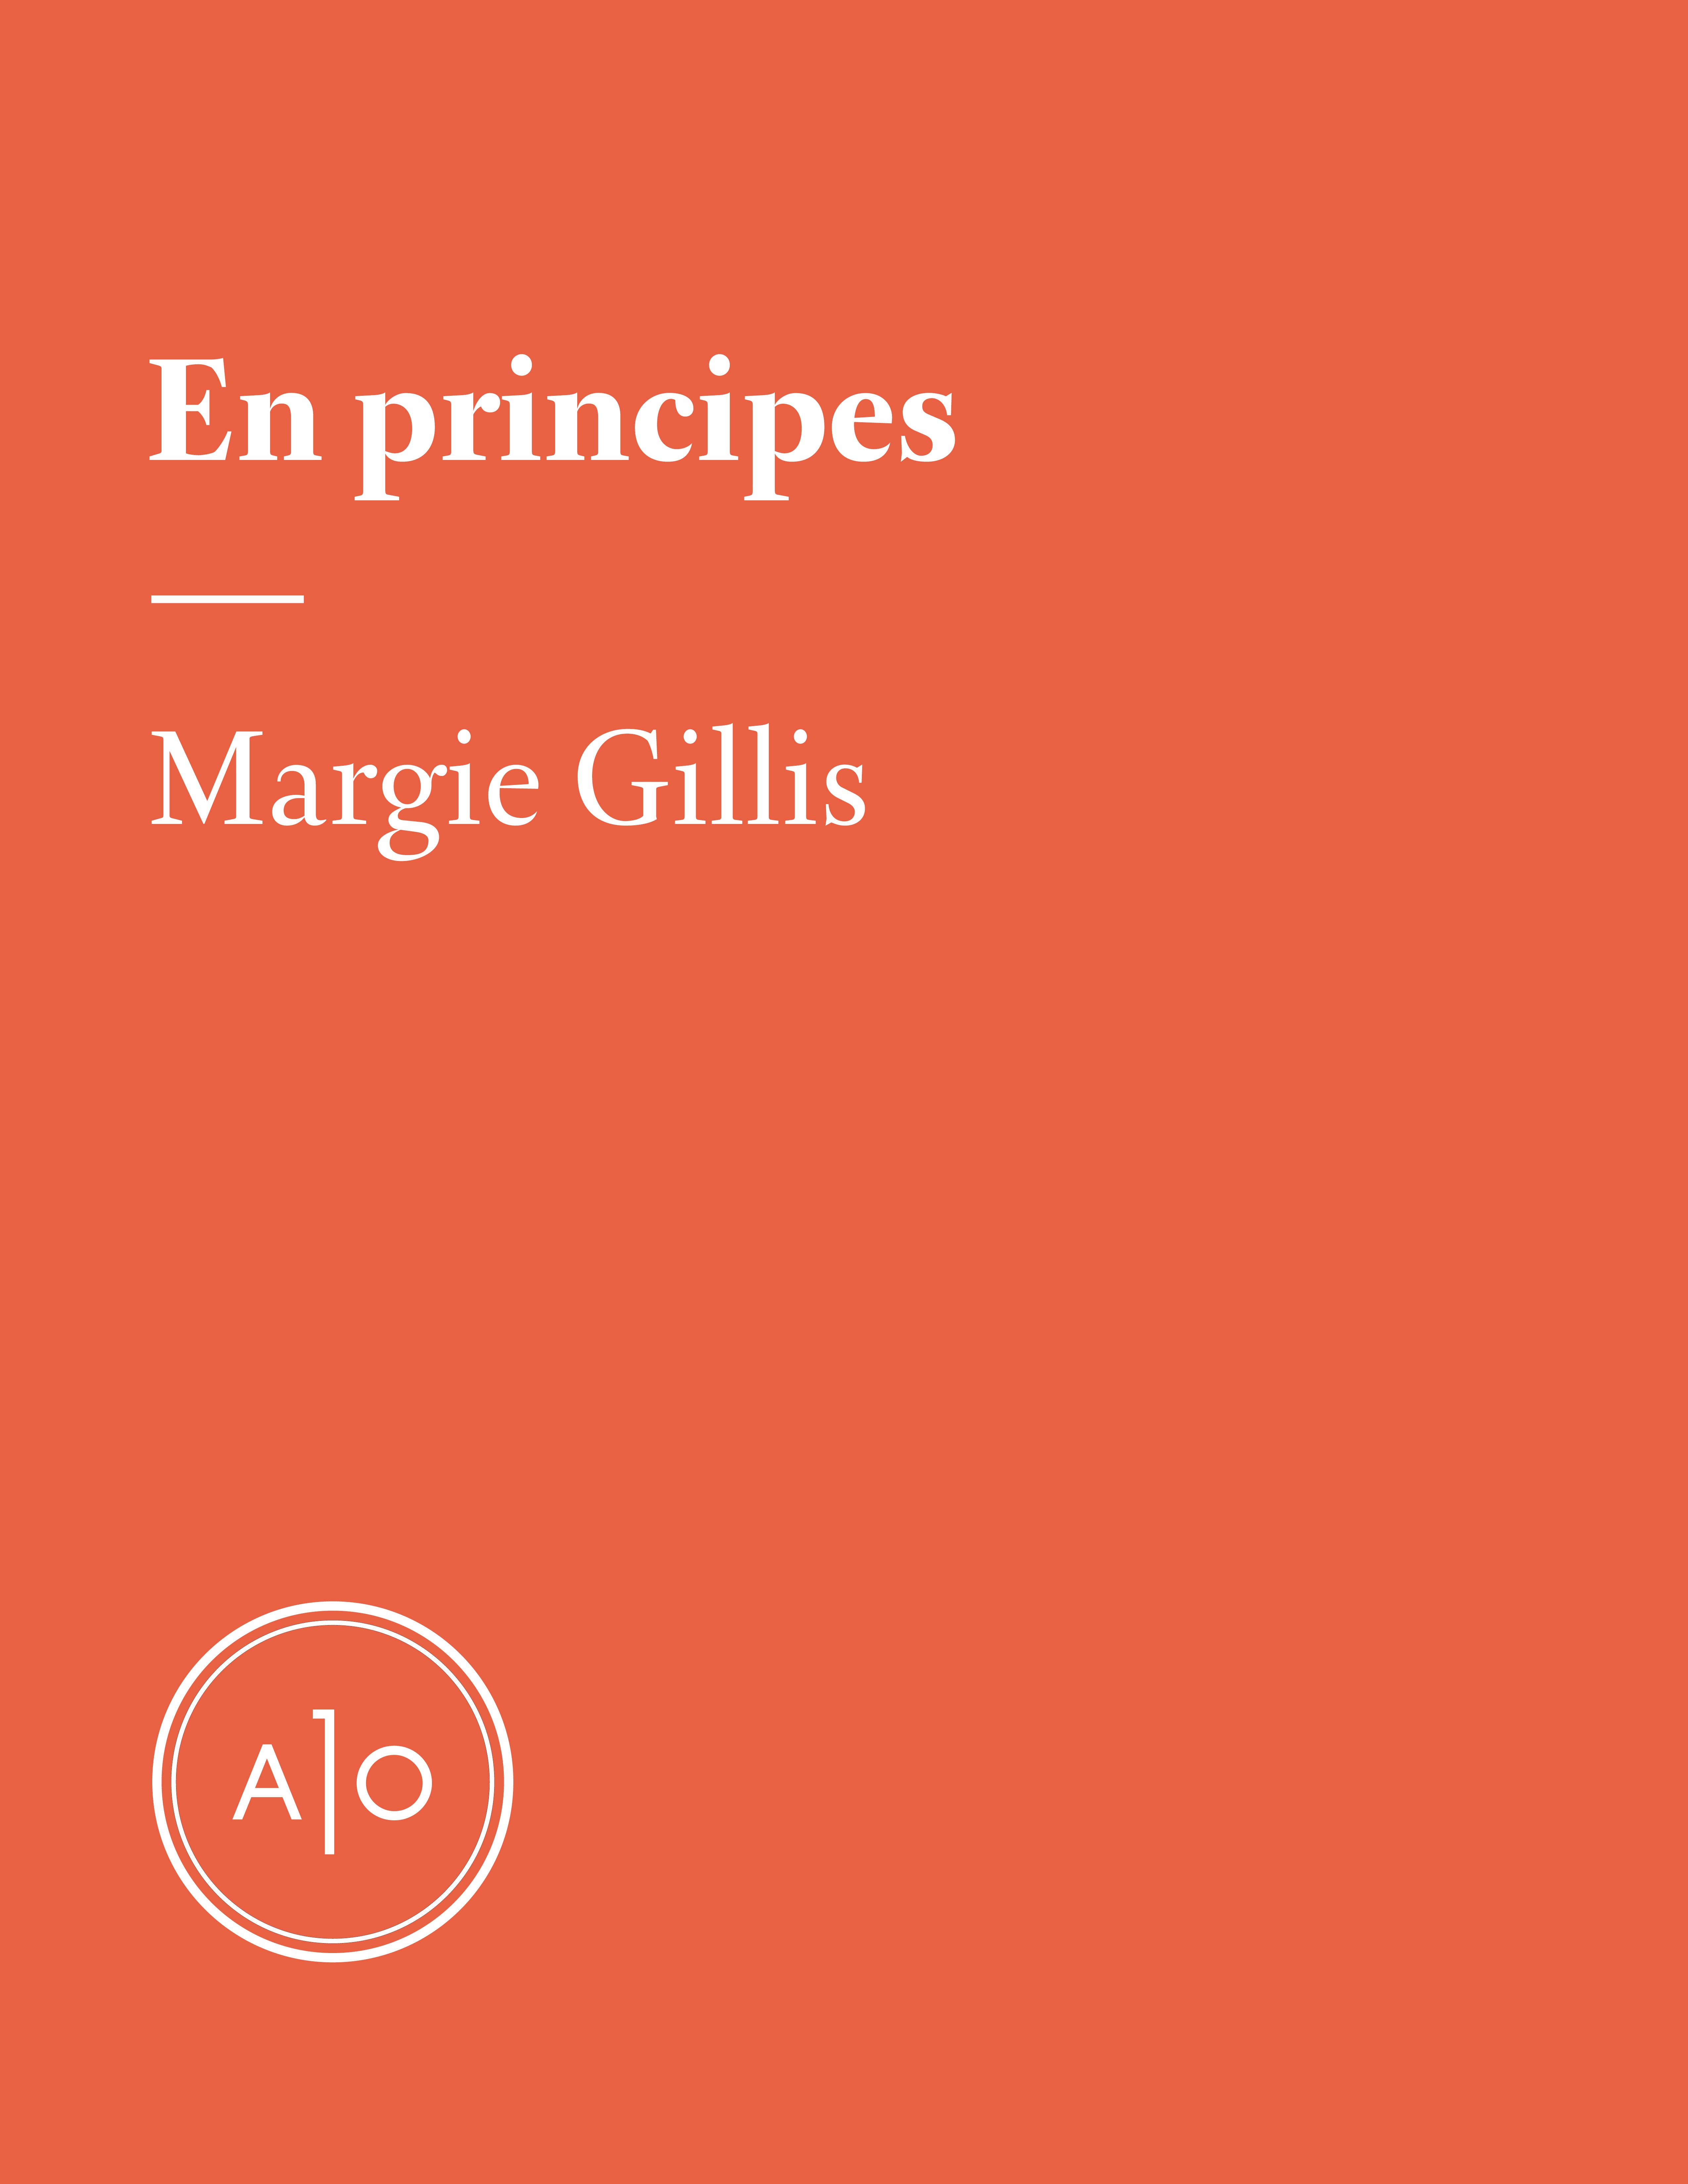 En principes: Margie Gillis